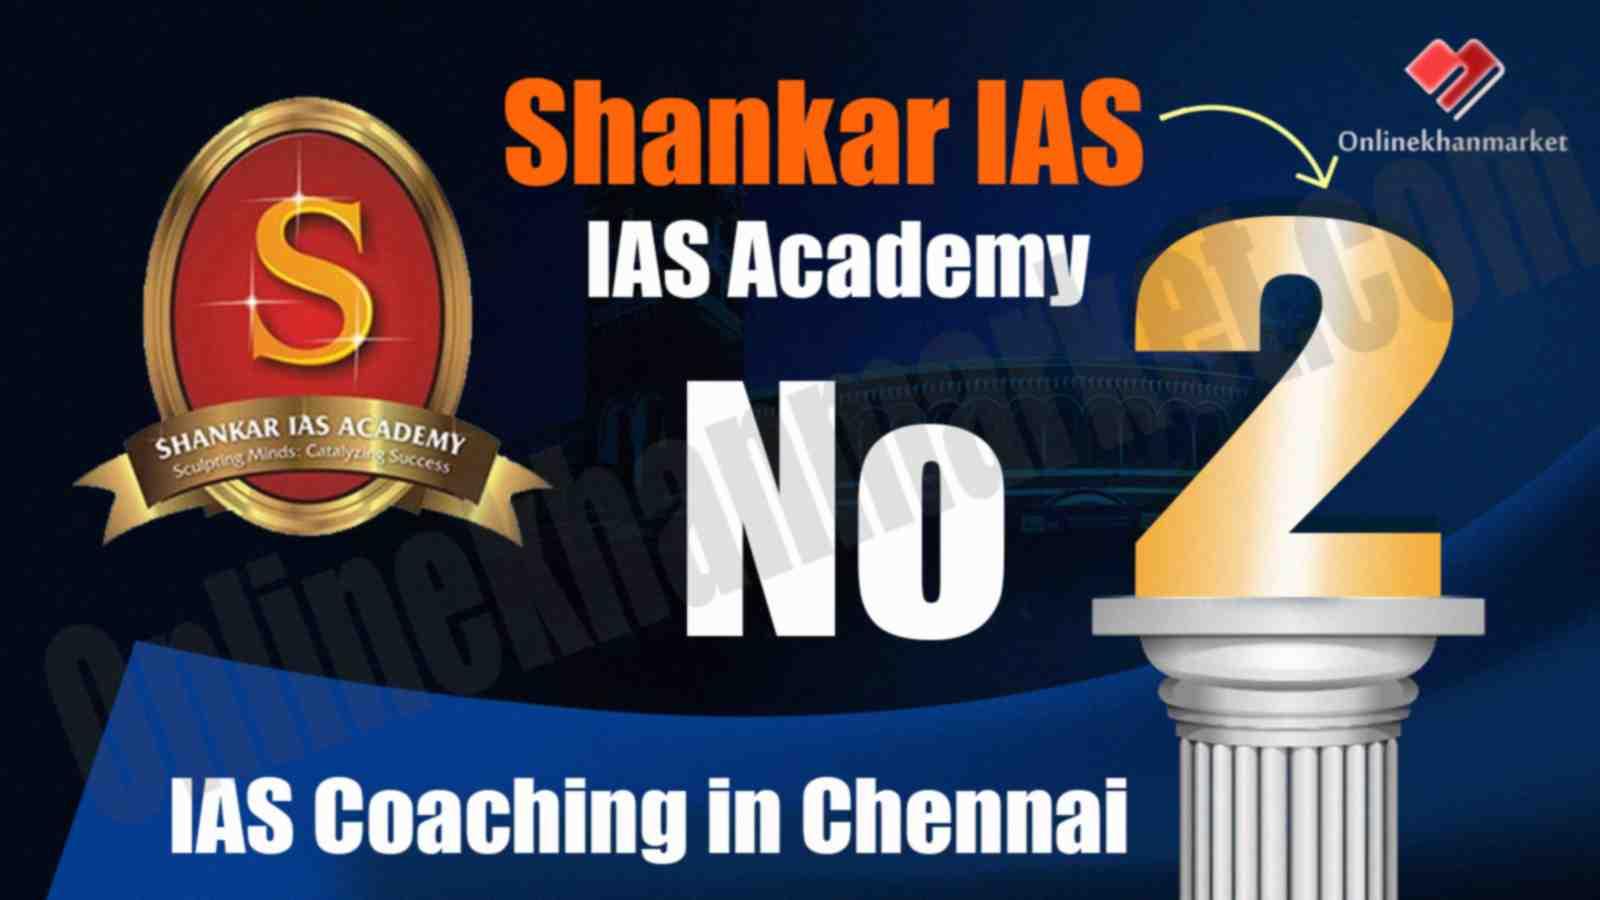 IAS Coaching in Chennai